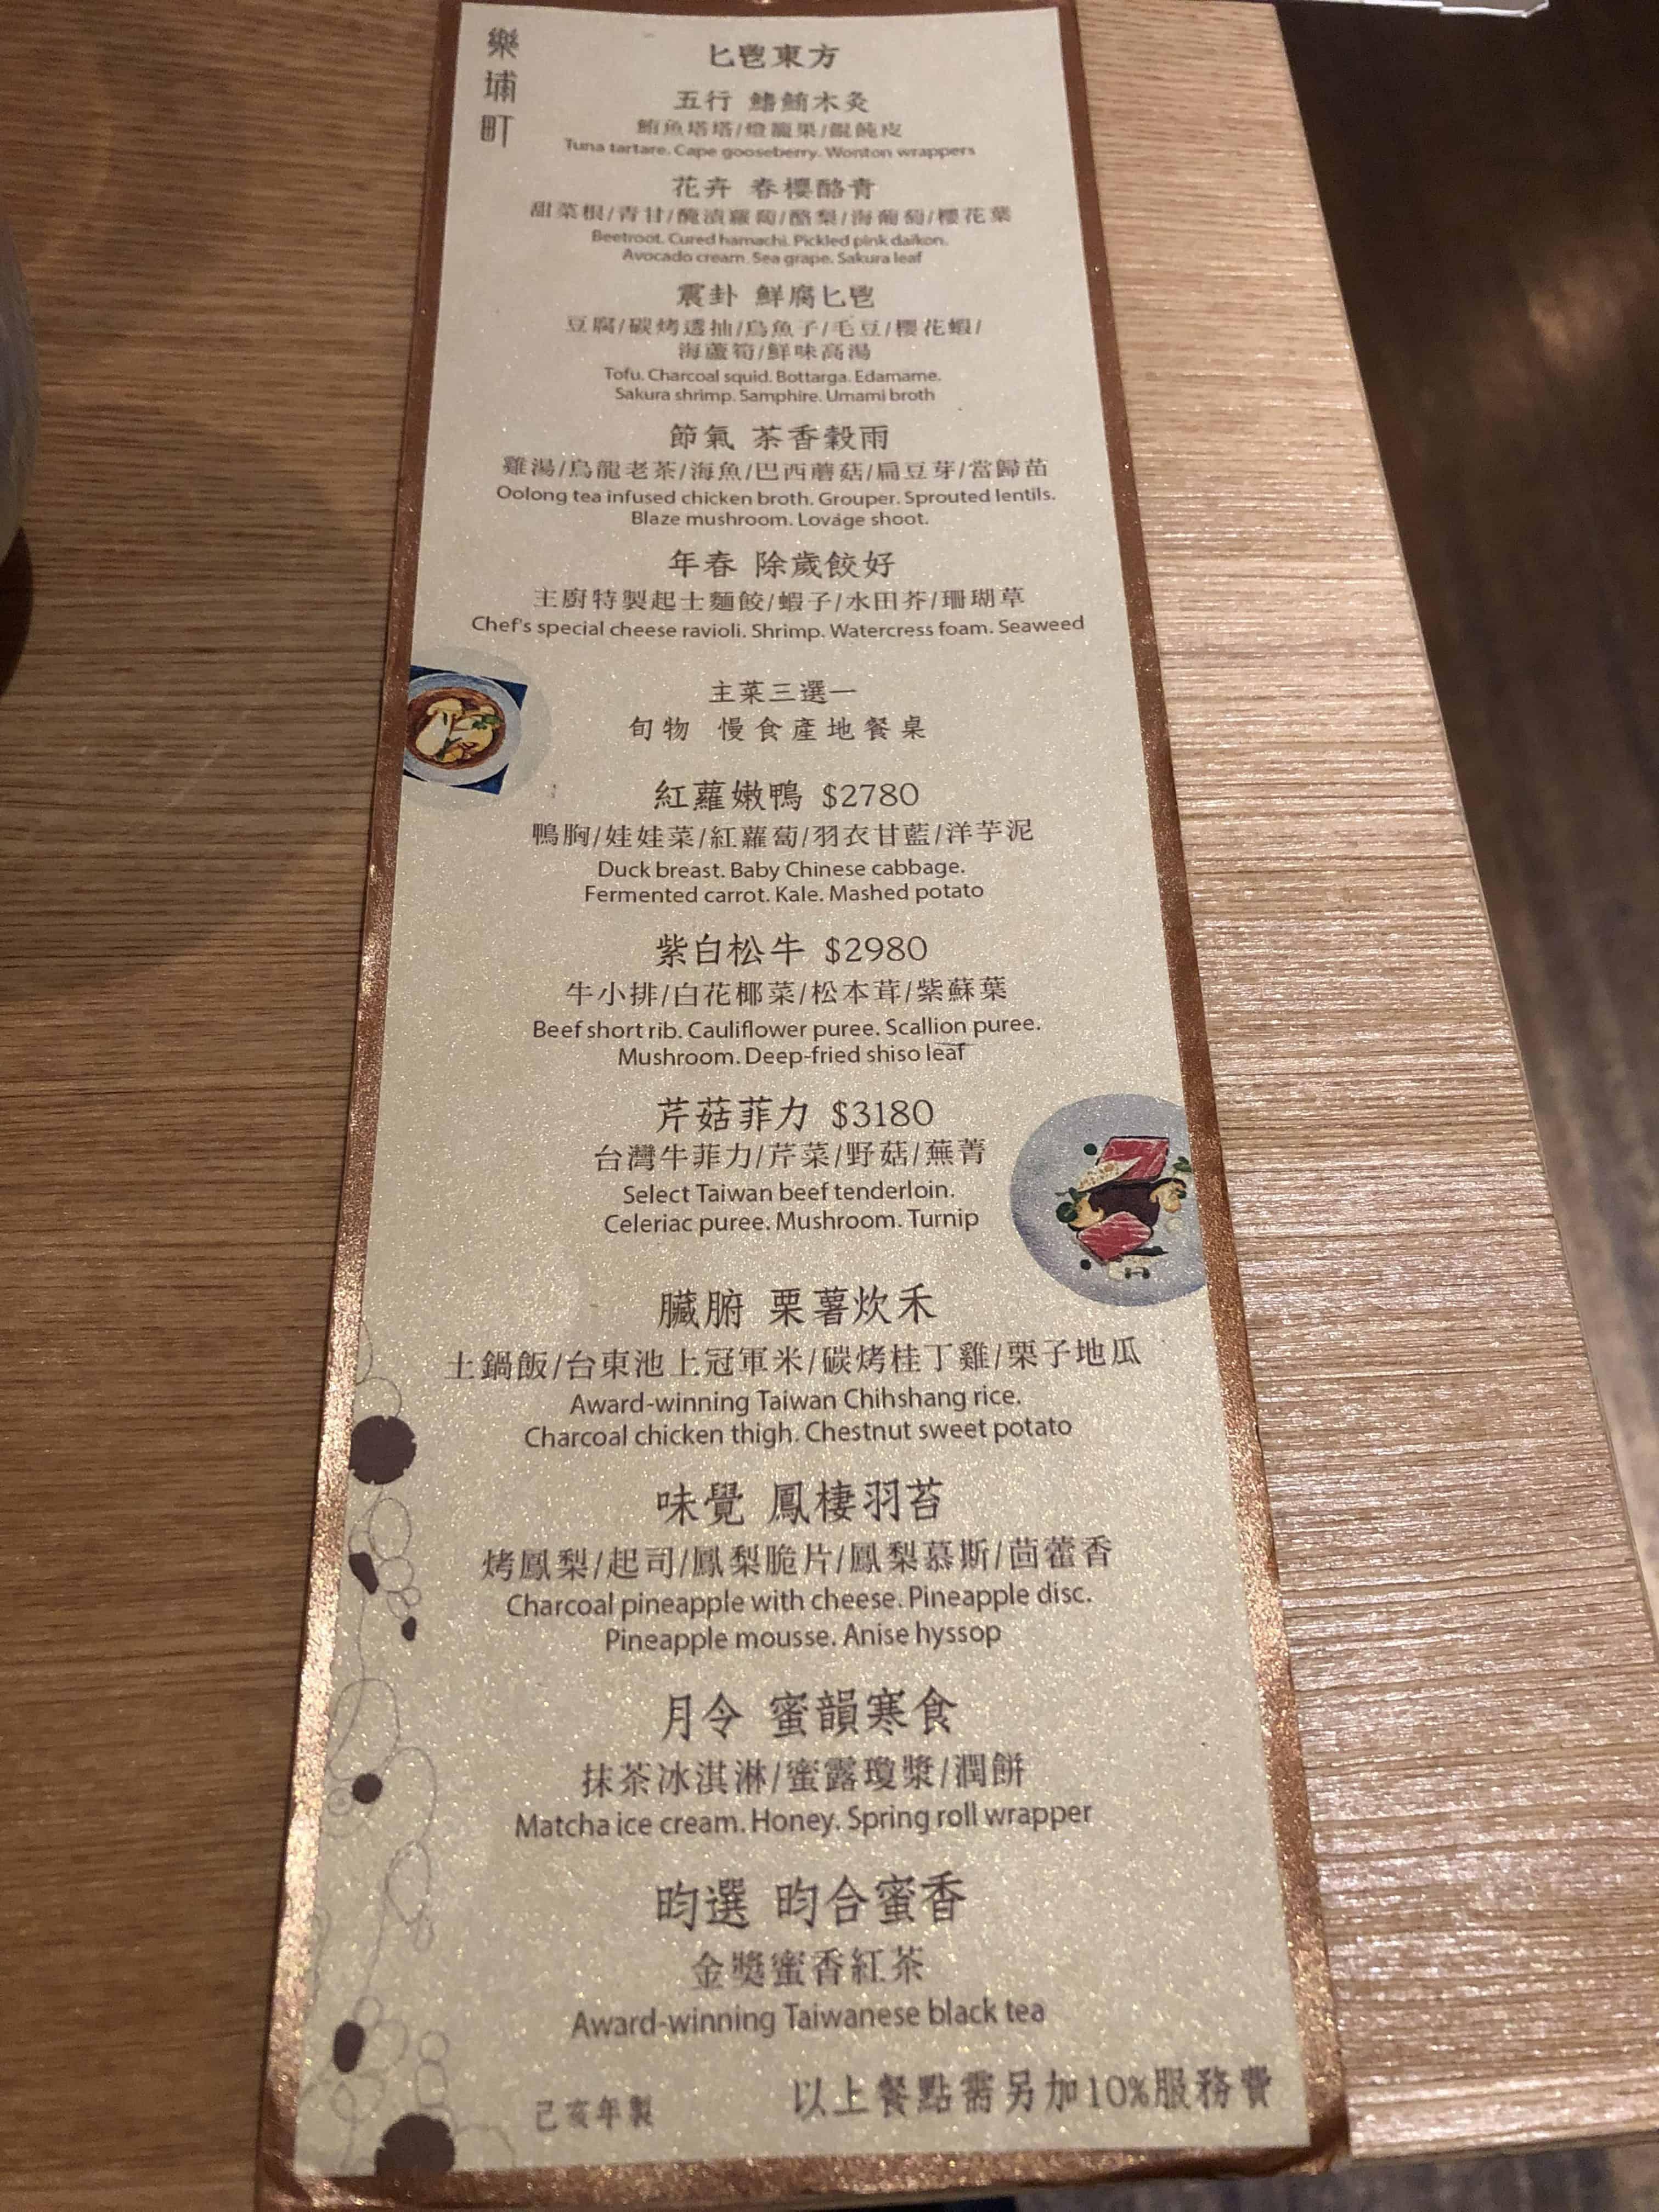 台北自由行 2020 – 台北美食日式傳統建築與隱世高級台菜 – 樂埔町